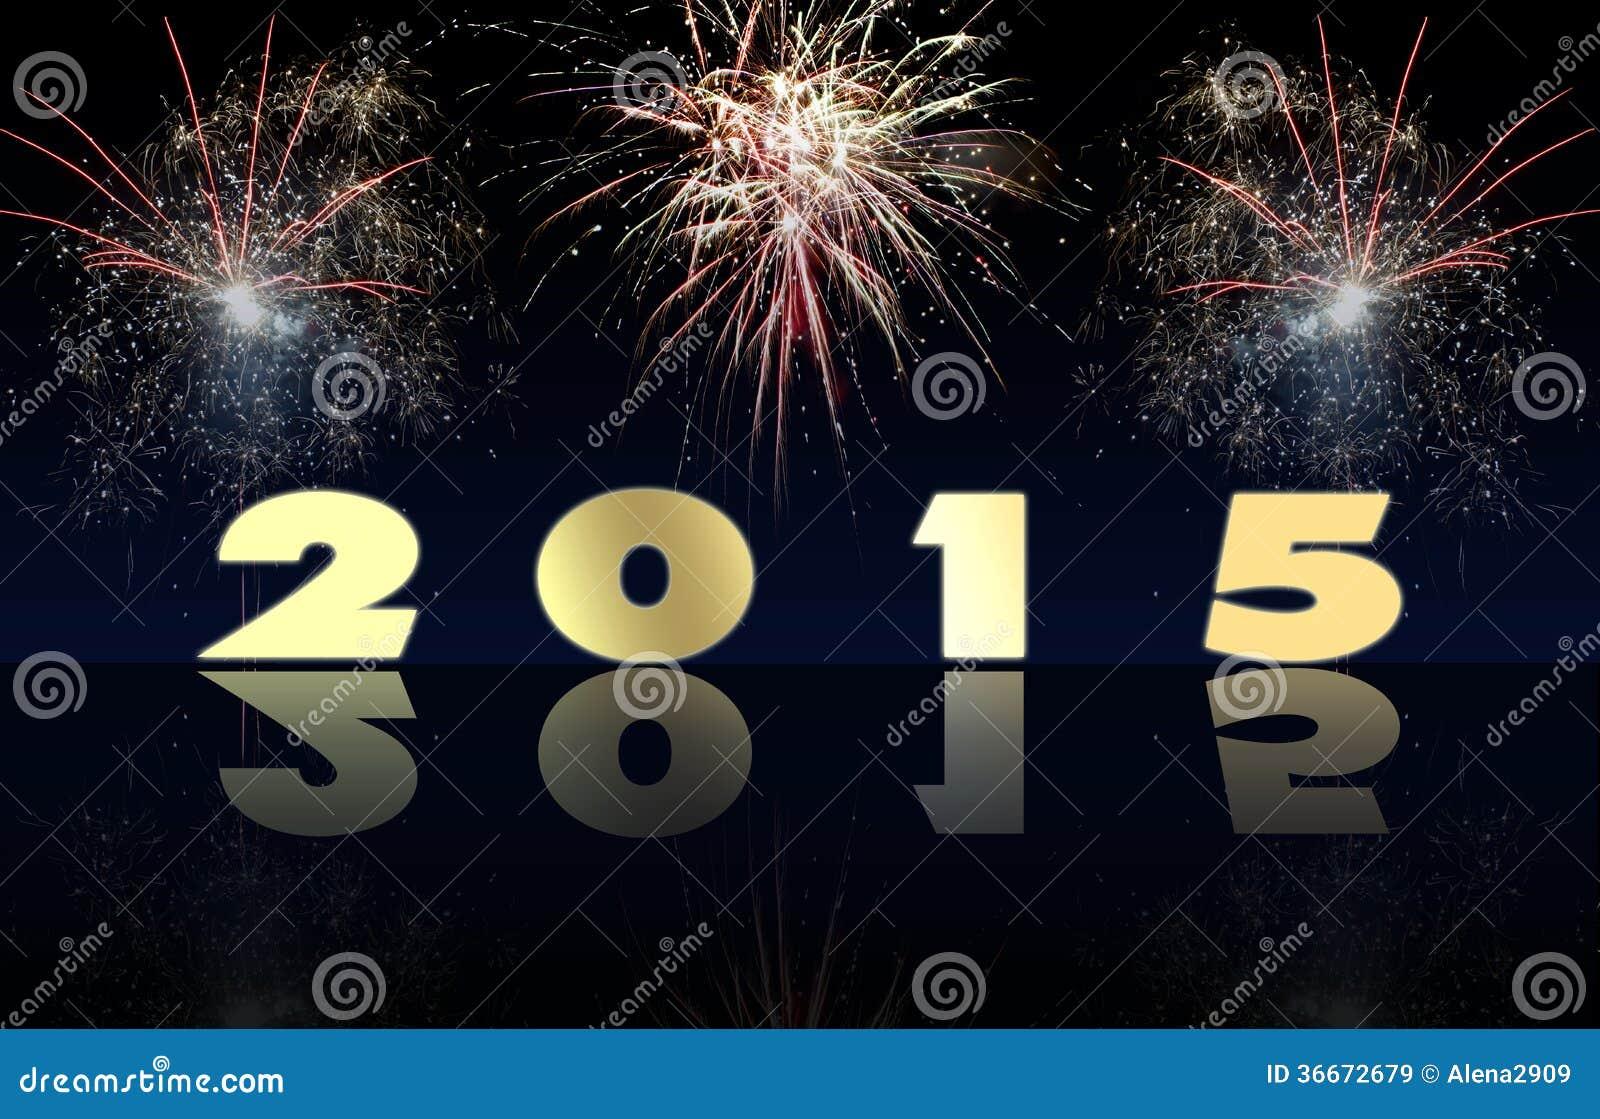 Guten Rutsch Ins Neue Jahr 2015 Stockbild - Bild von kalt ...